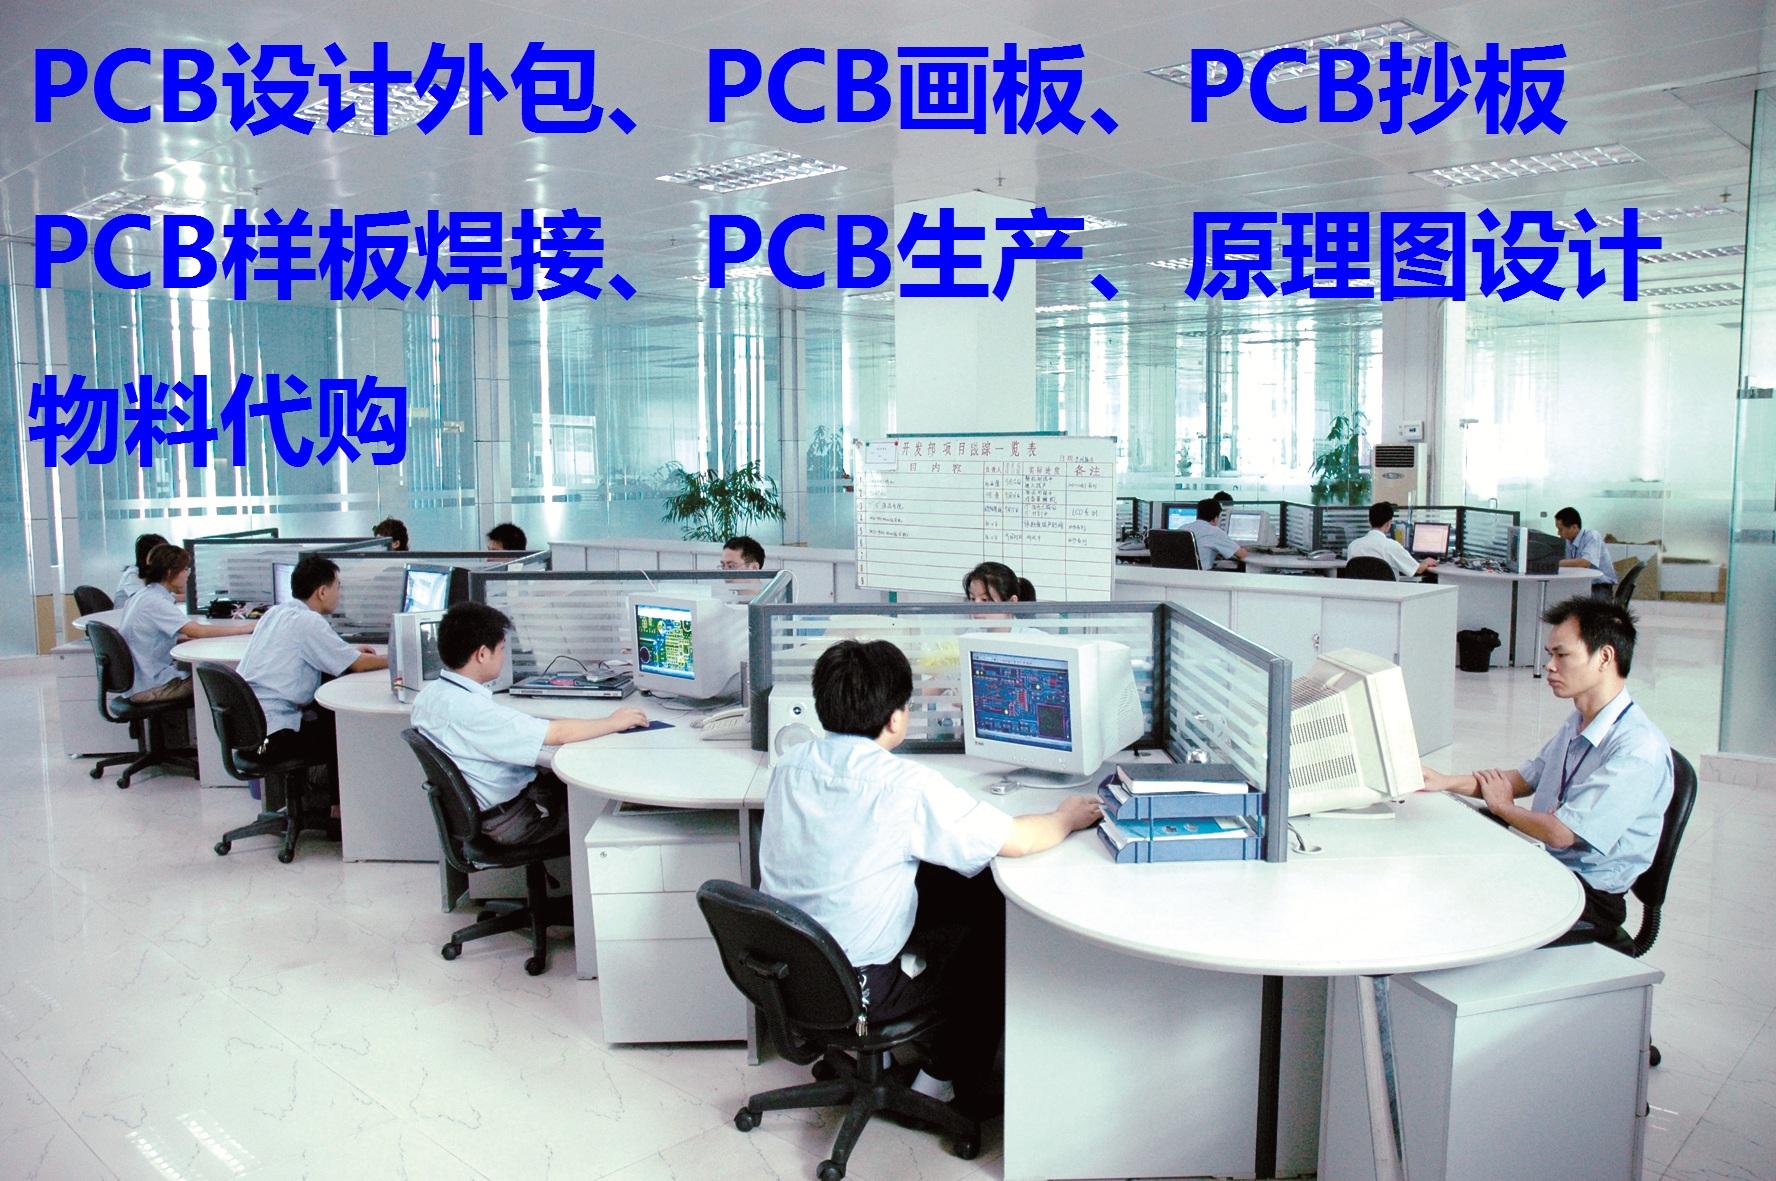 Картина печатной платы панель PCB поколение Вывод за пределы дизайна печатной платы пакет Копия PCB панель Проектирование печатных плат